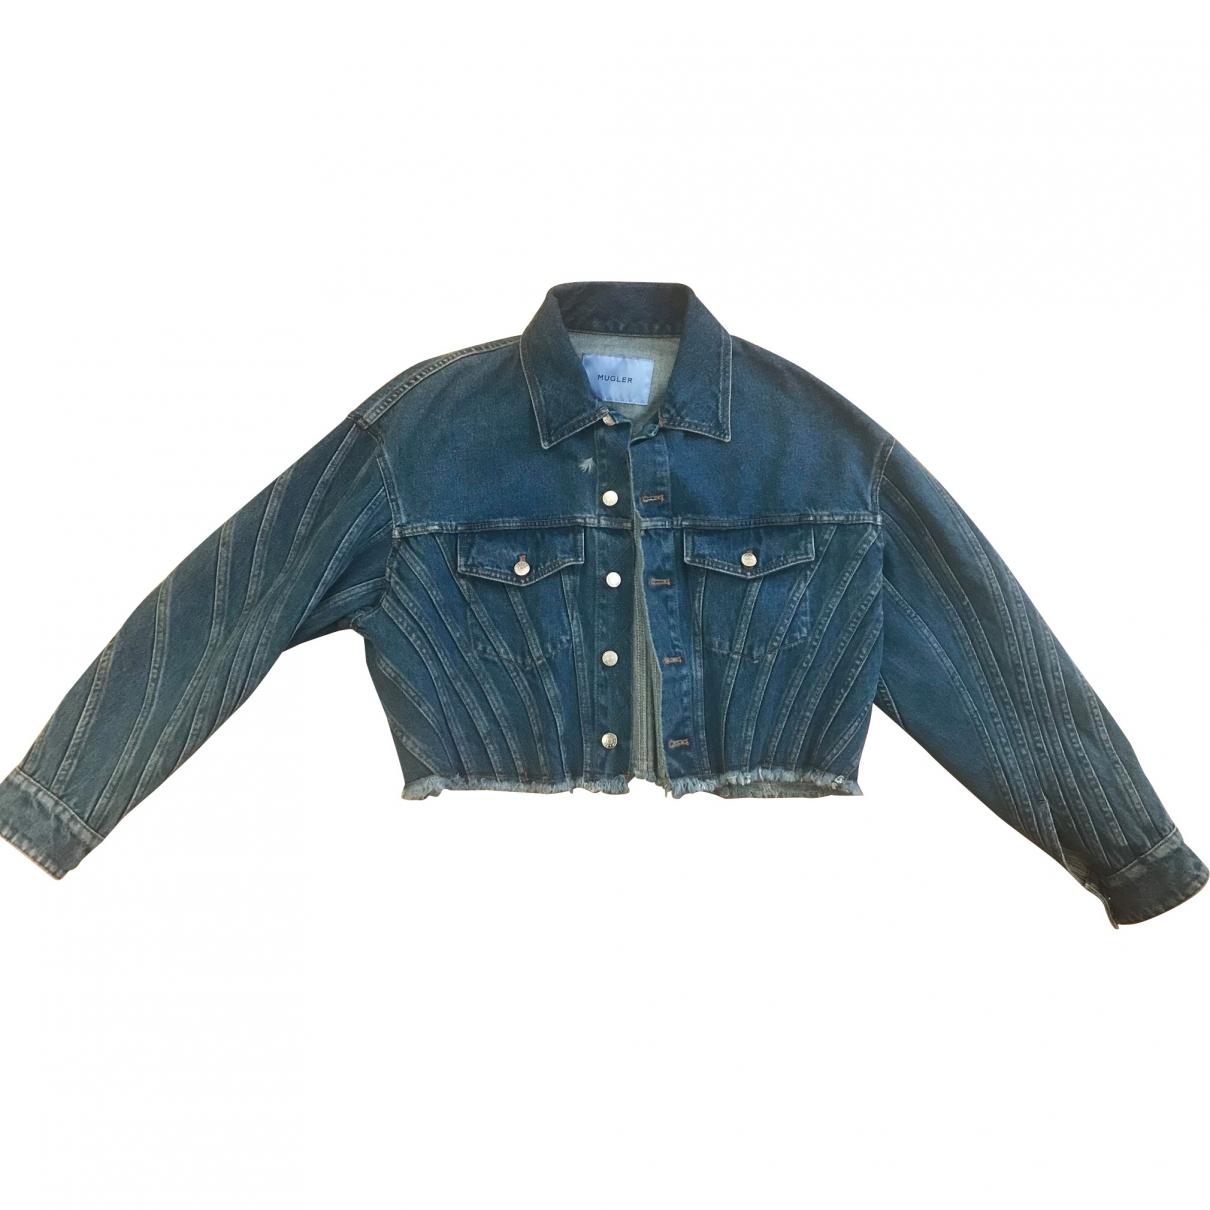 Mugler \N Jacke in  Blau Denim - Jeans